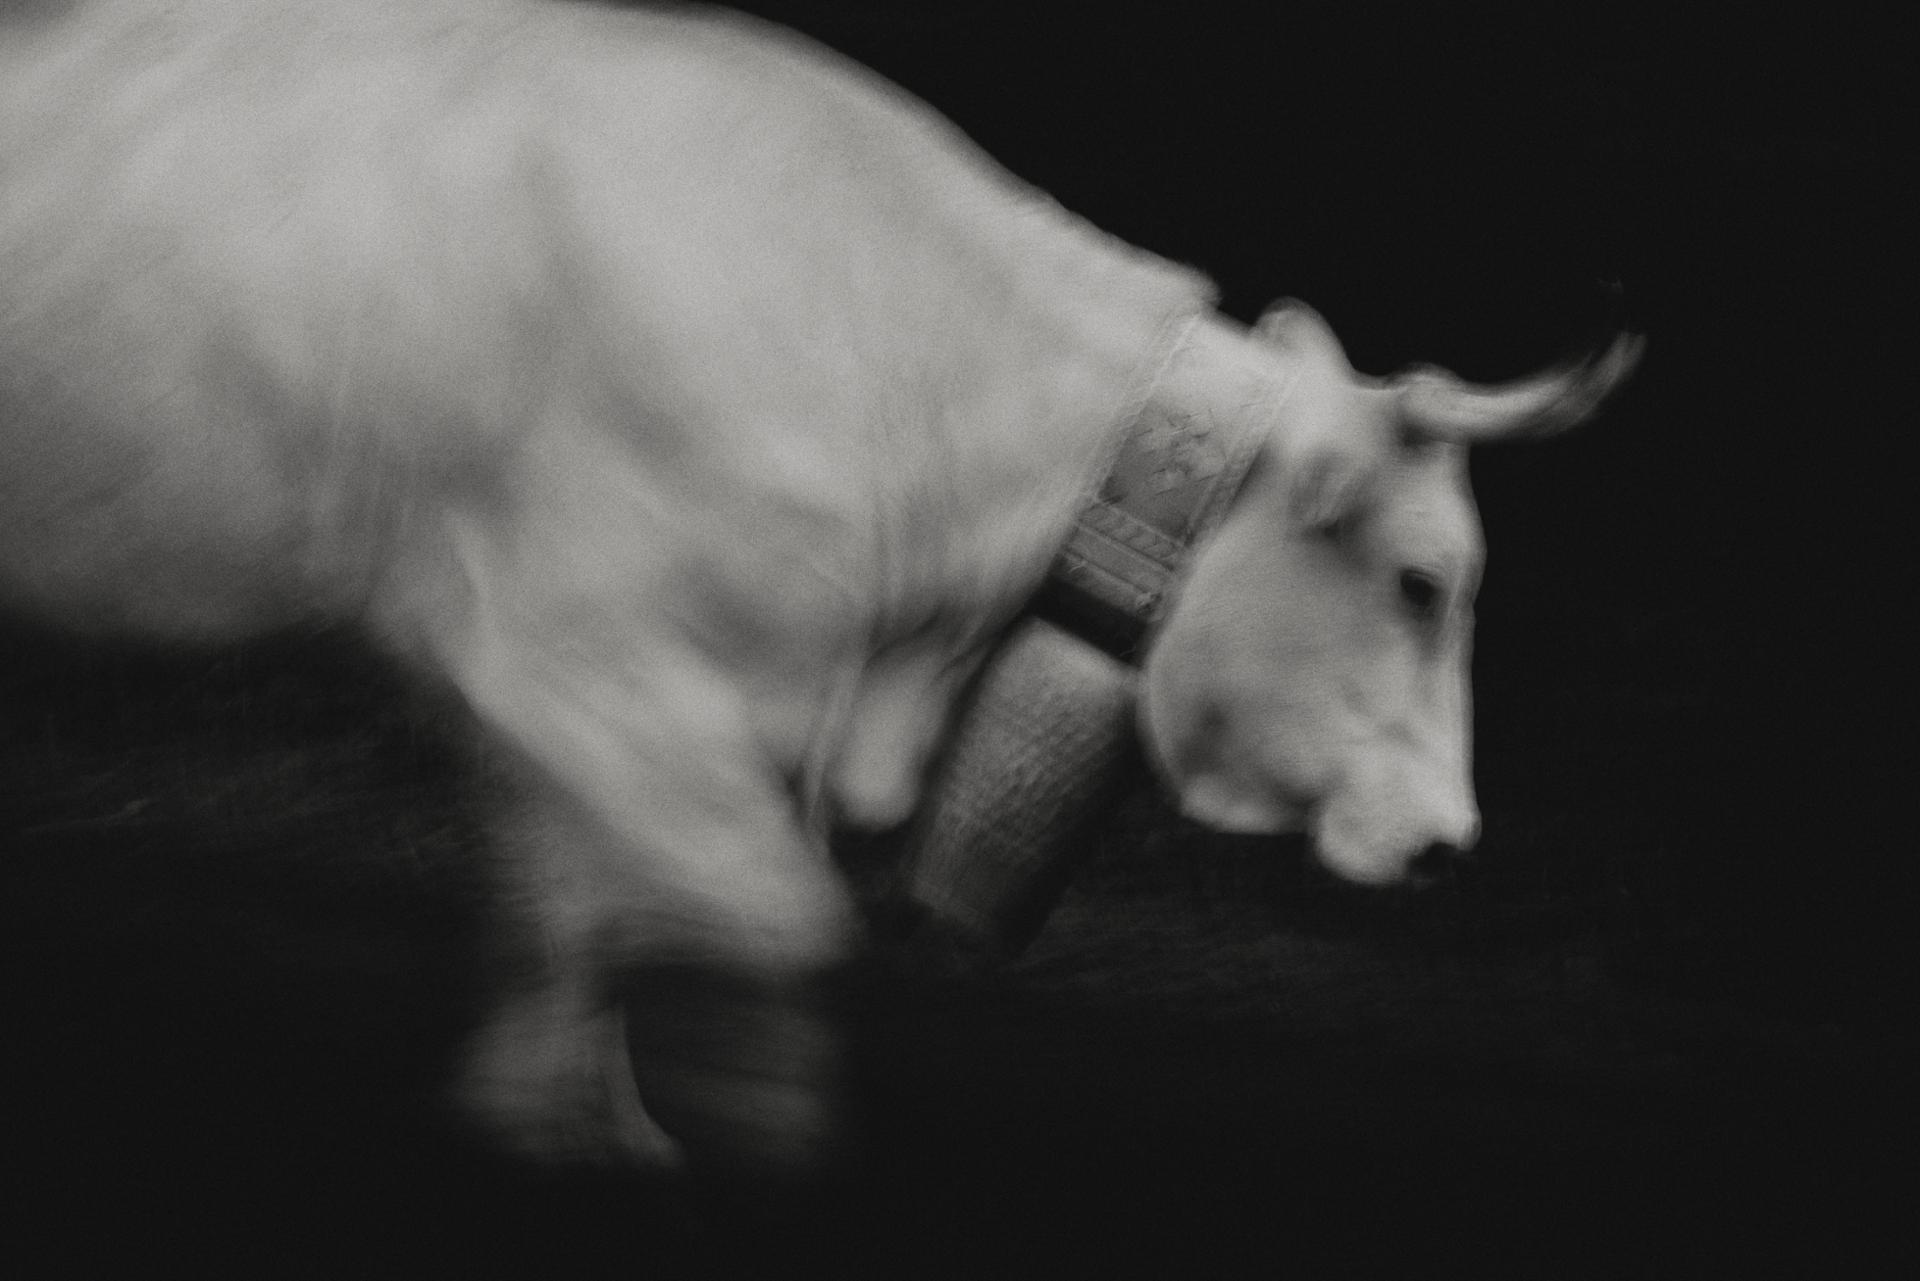 Aussi lent qu'une vache